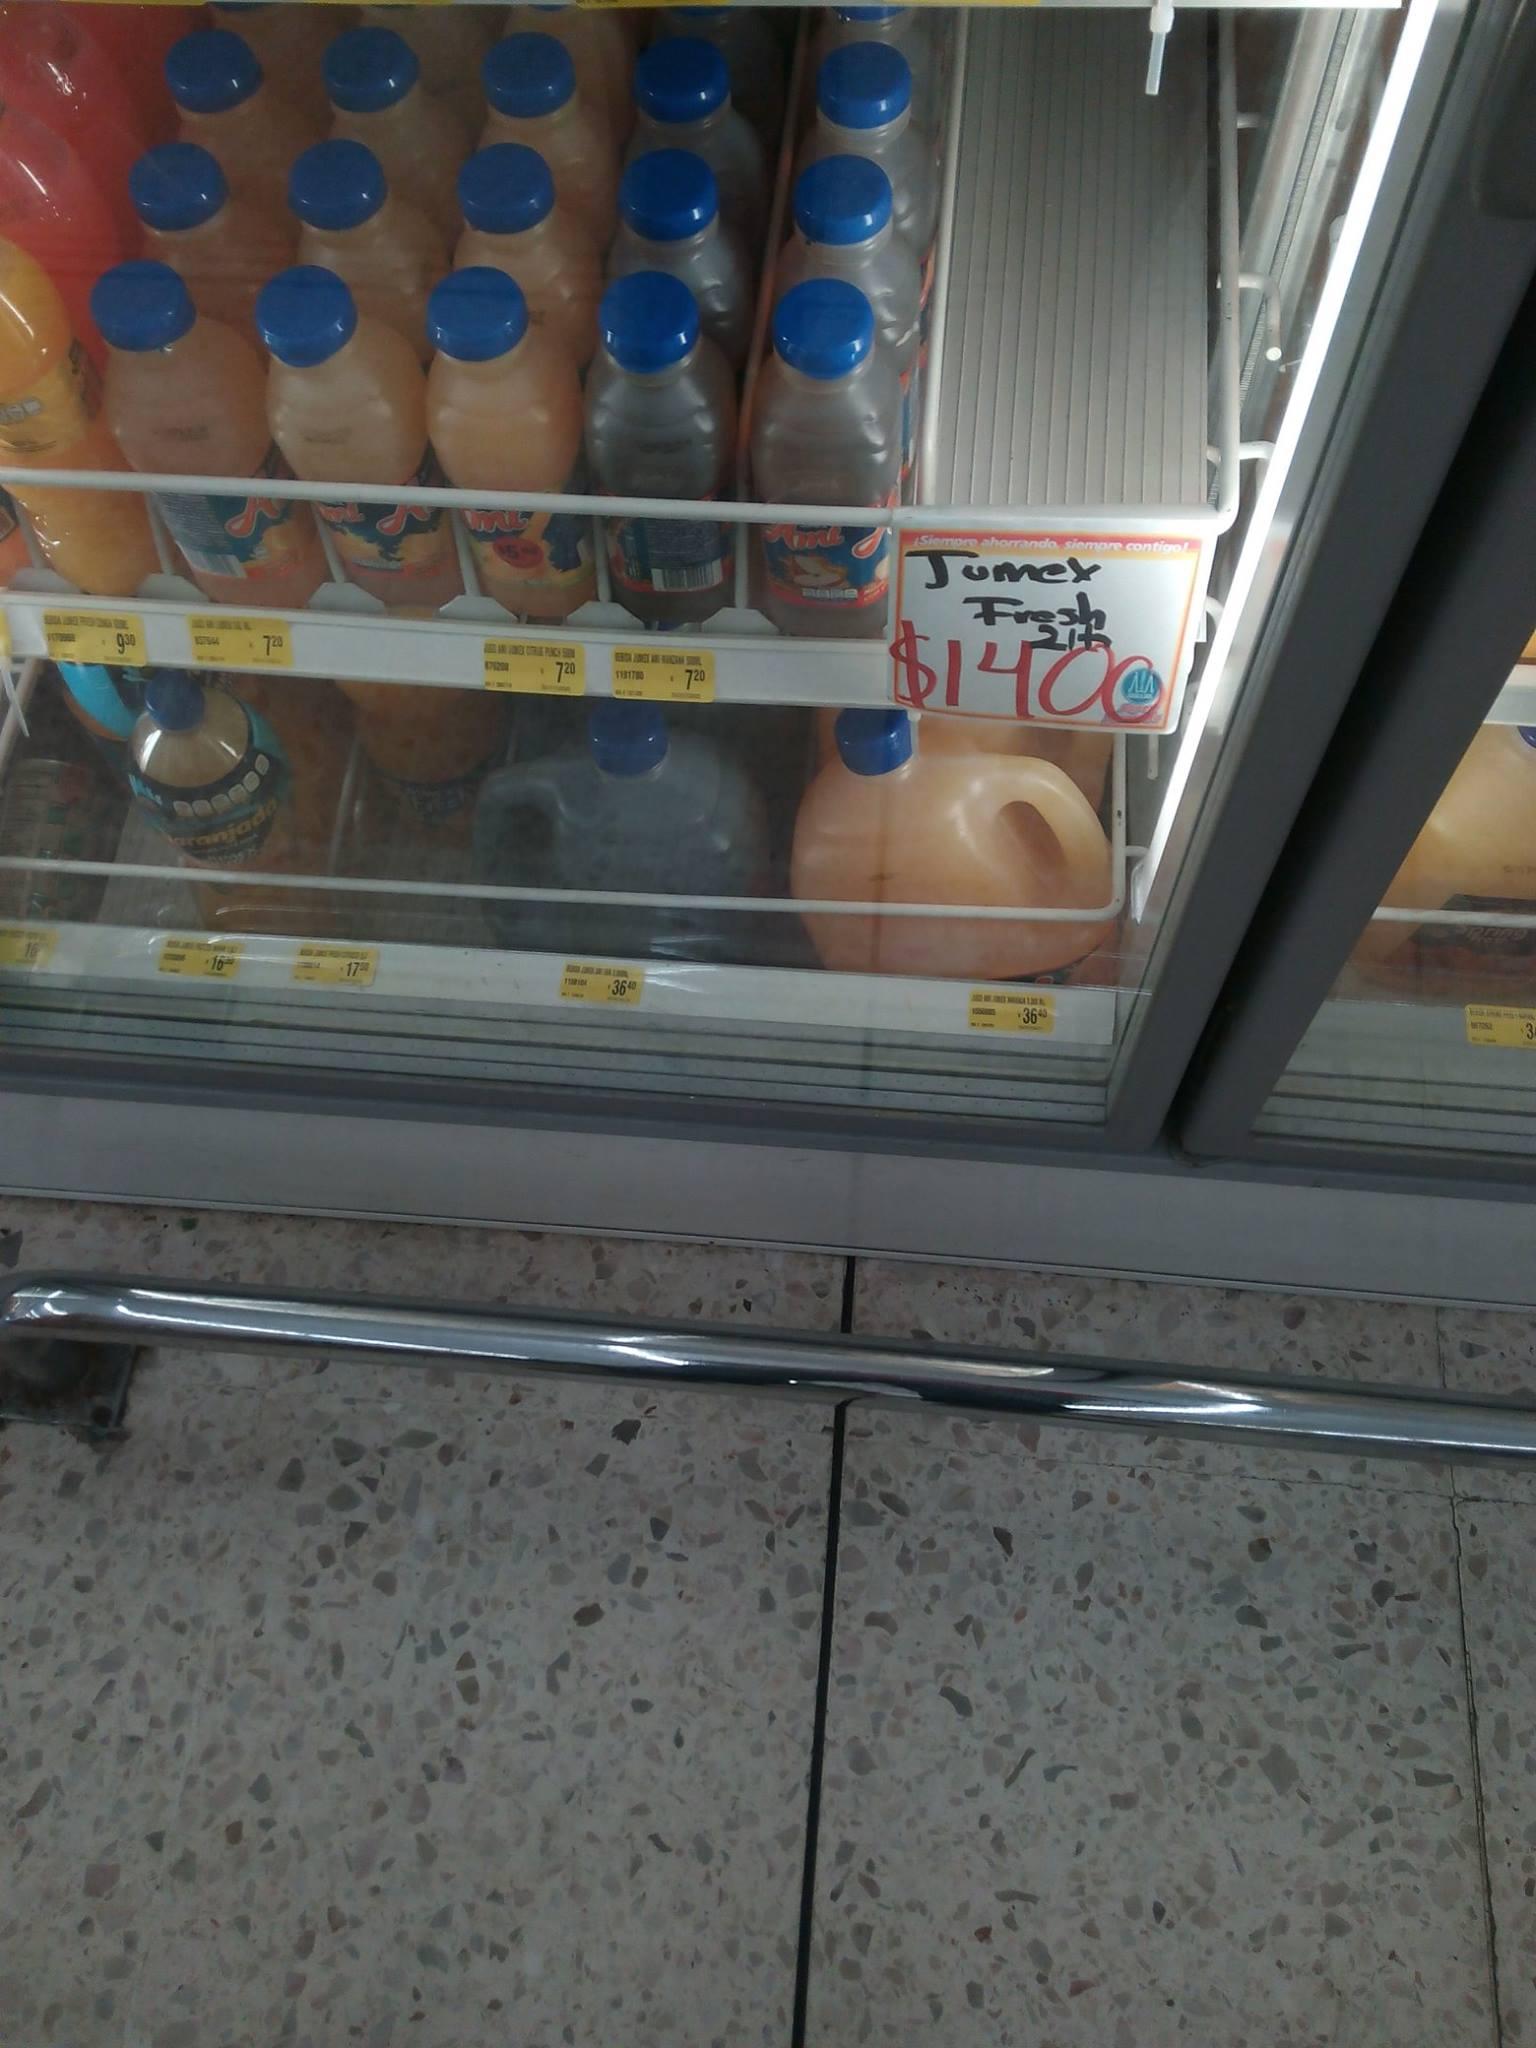 Farmacias Guadalajara: Jumex Fresh 2lts $14, Ketoconazol $26